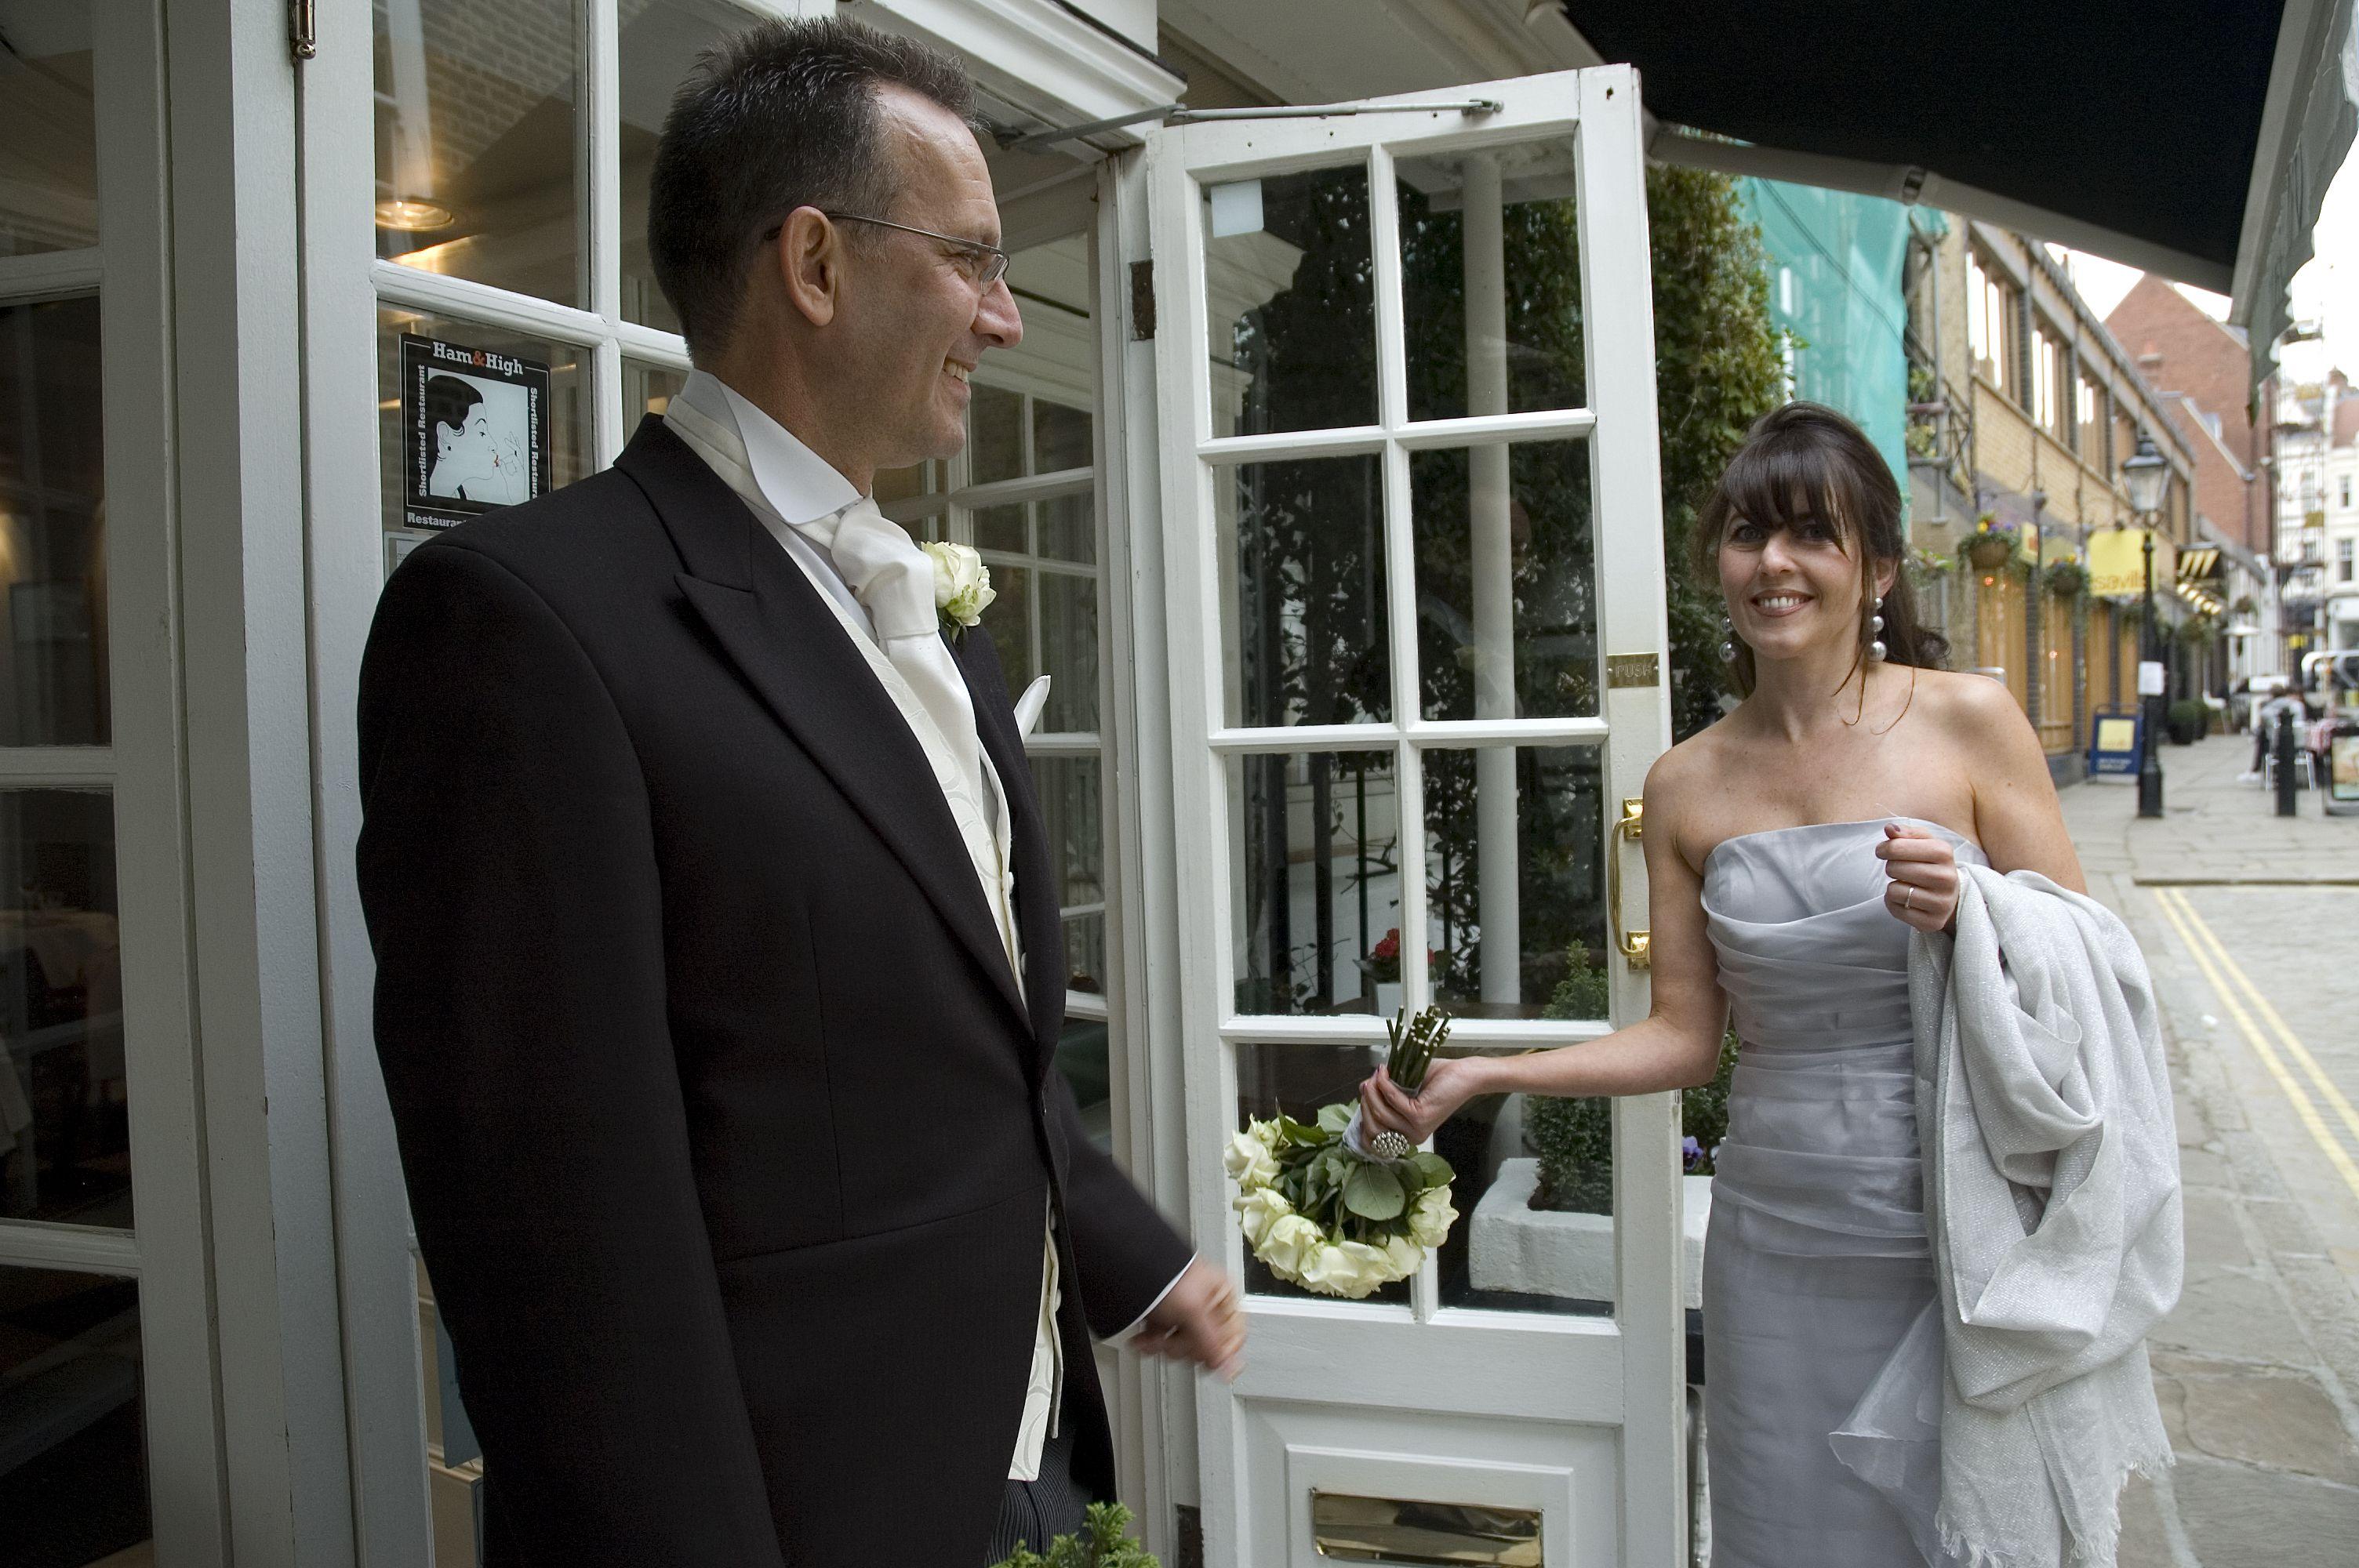 Ashleys Wedding In Hamstead North West London